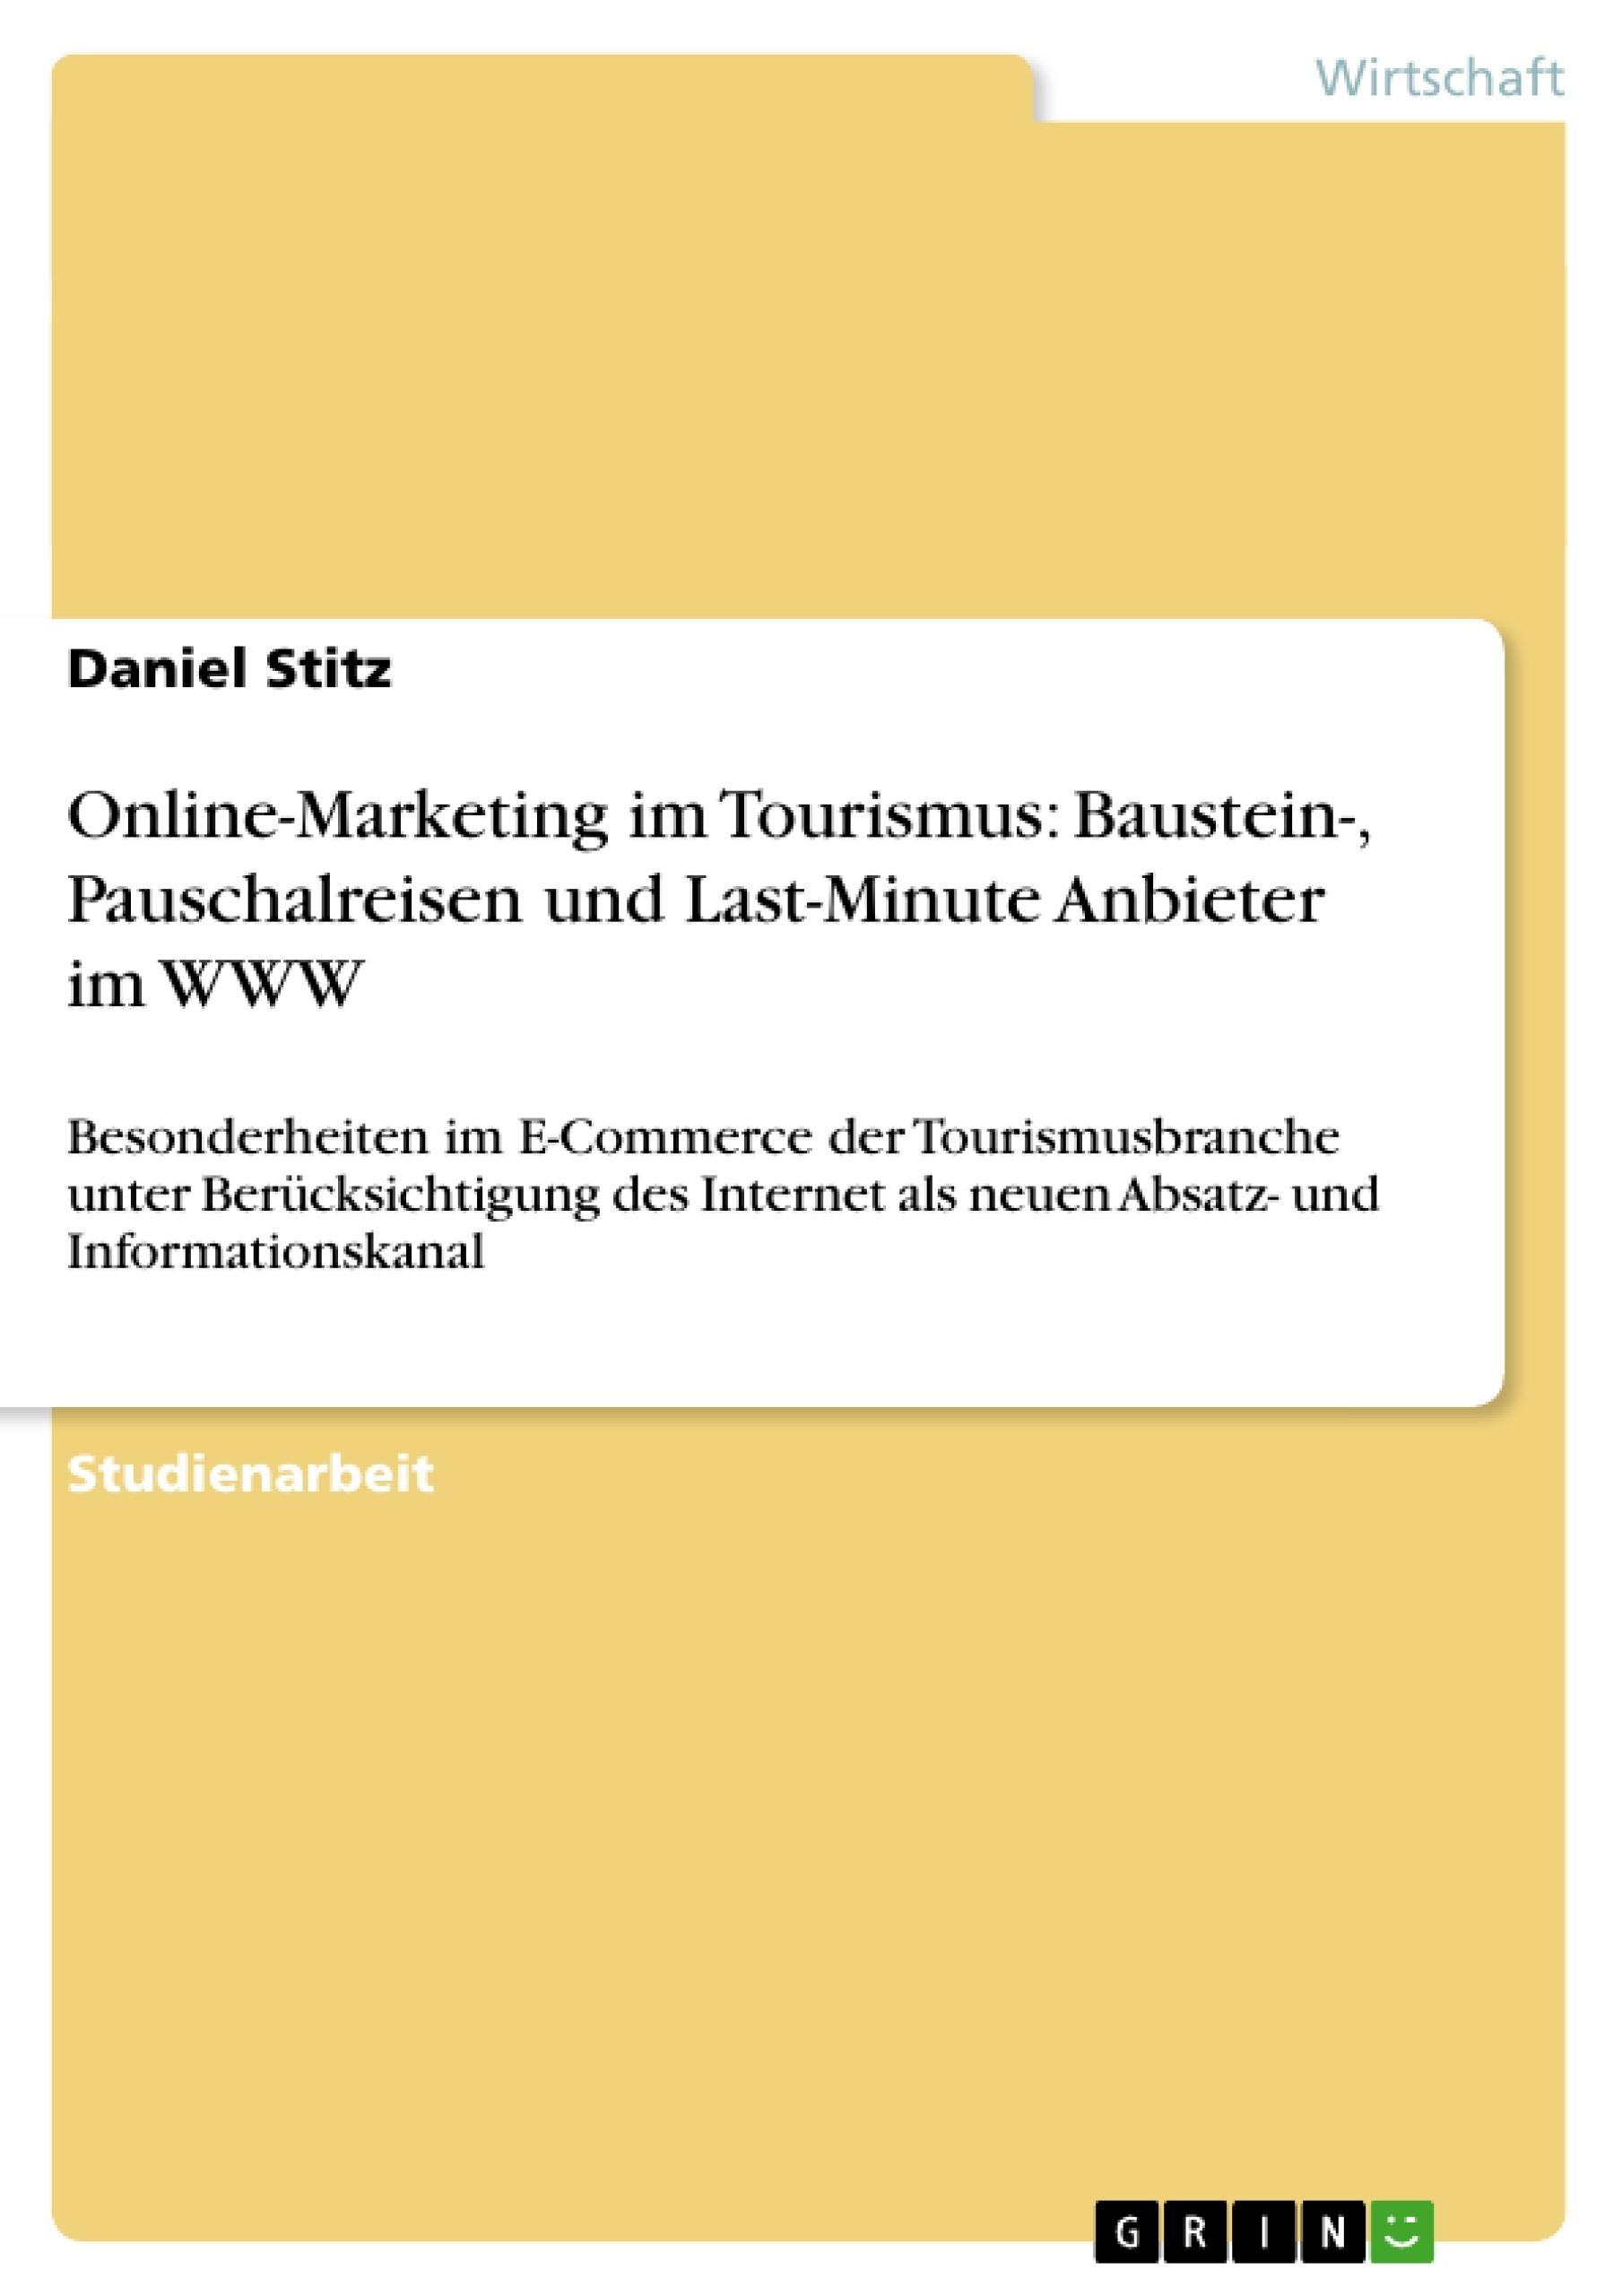 Titel: Online-Marketing im Tourismus: Baustein-, Pauschalreisen und Last-Minute Anbieter im WWW